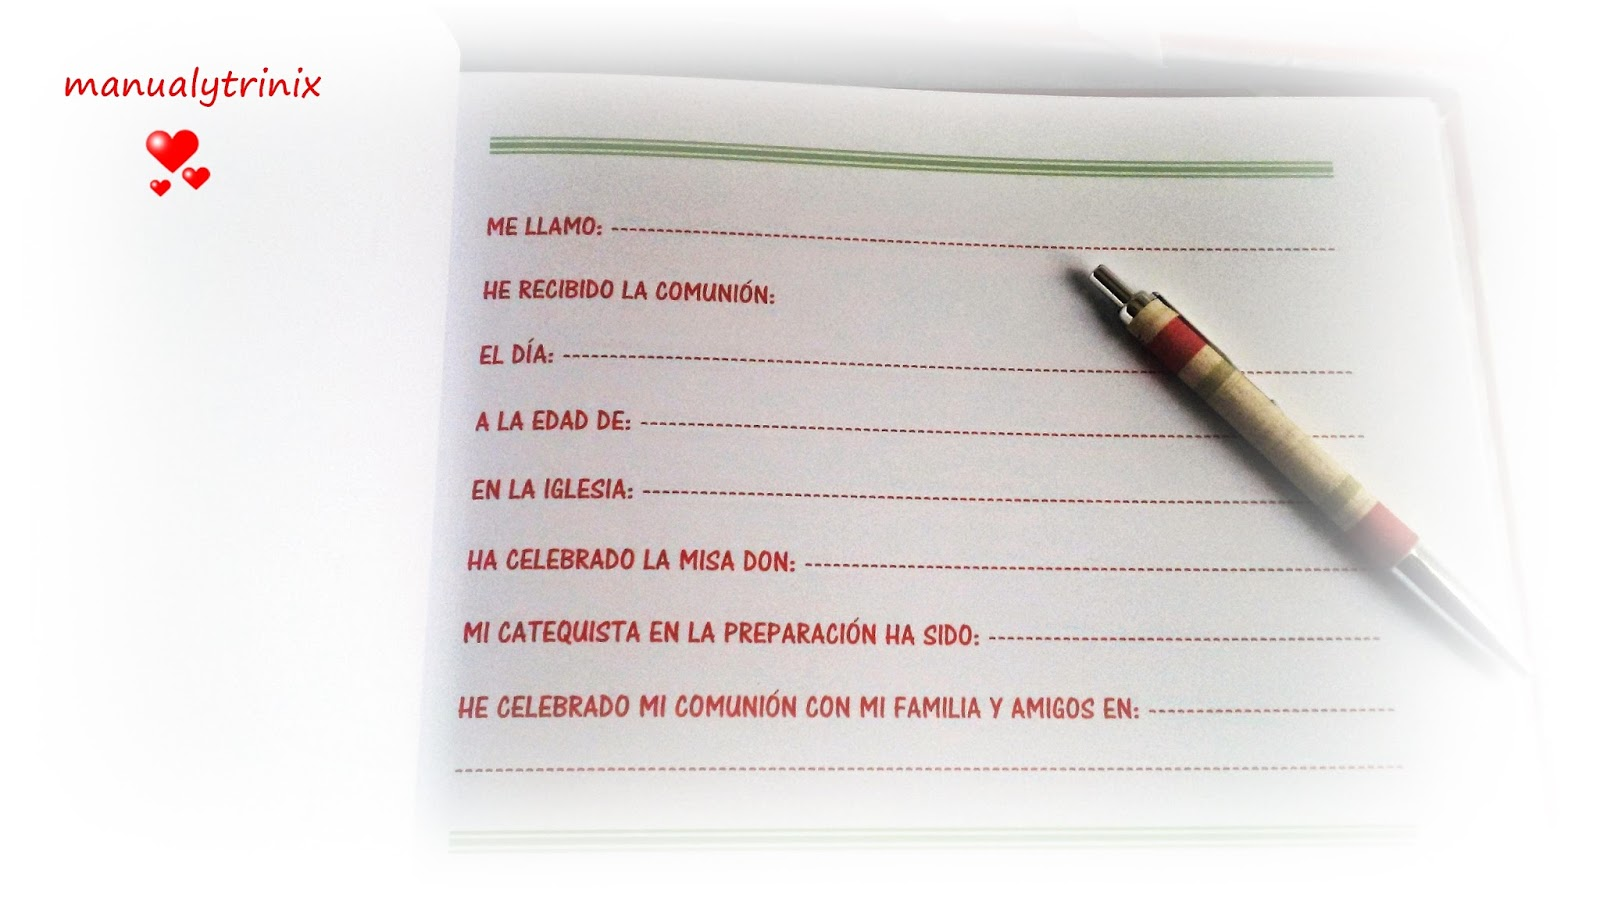 Manualidades manualytrinix libro de firmas comuni n for Interior libro de firmas comunion